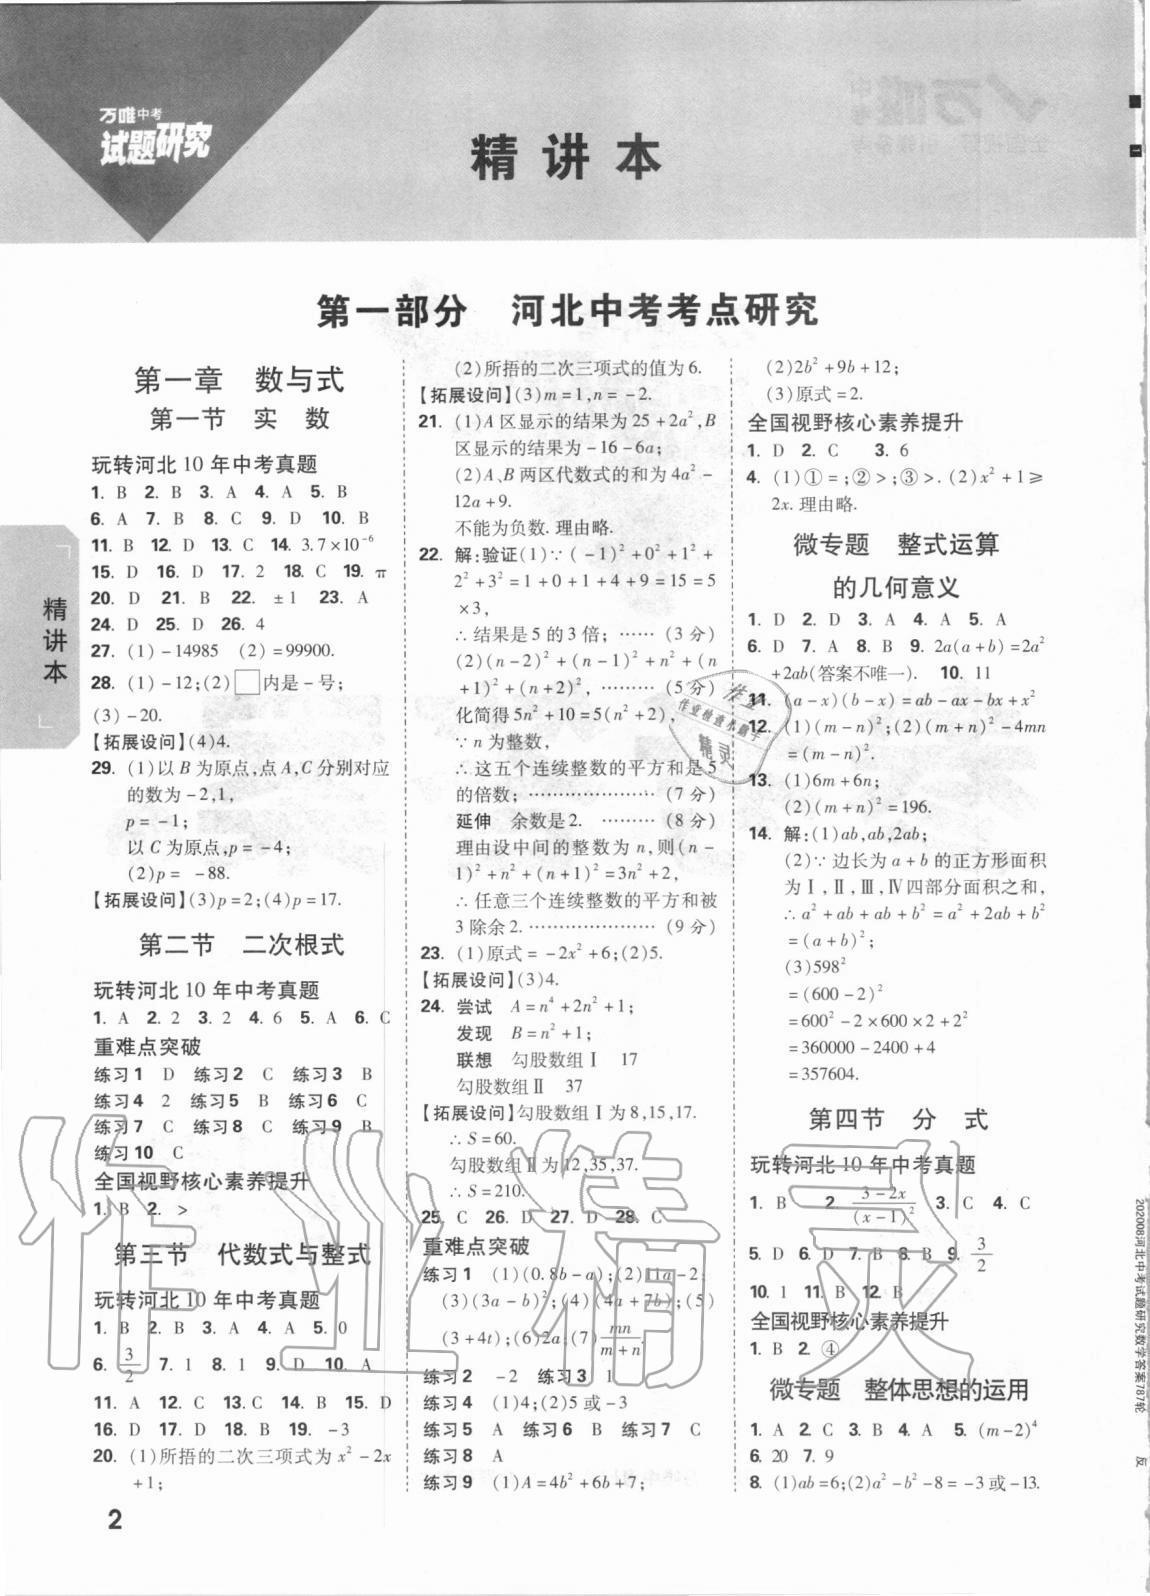 2021年万唯中考试题研究数学河北专版参考答案第1页